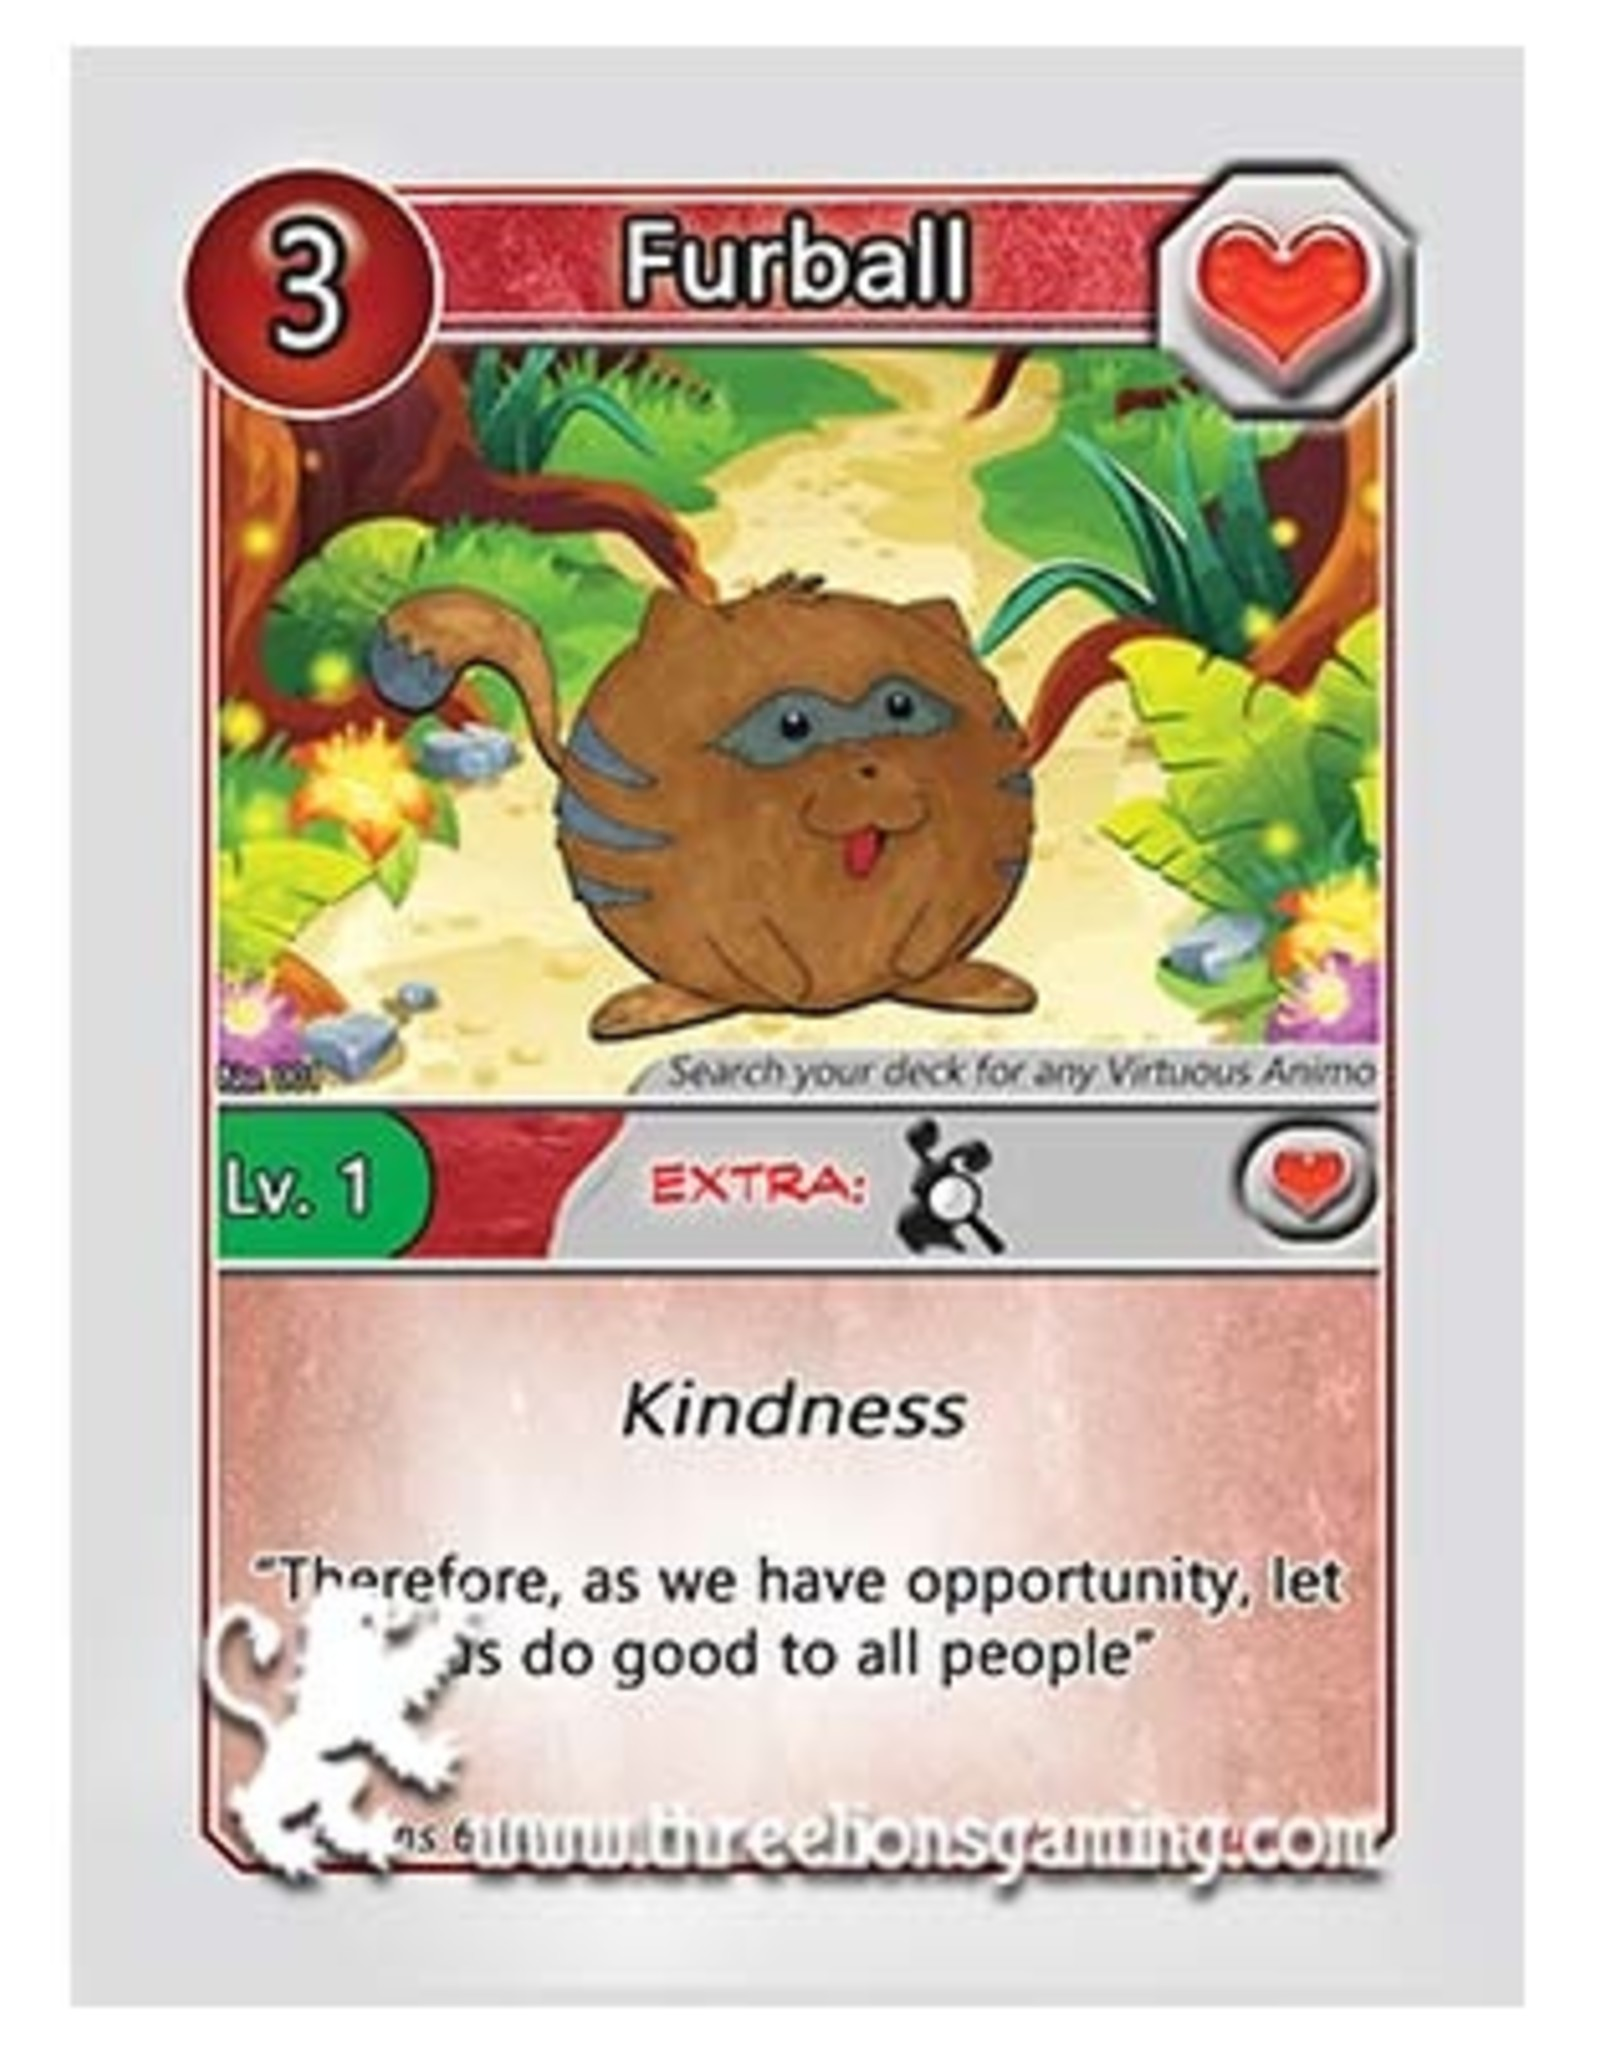 S1: Furball